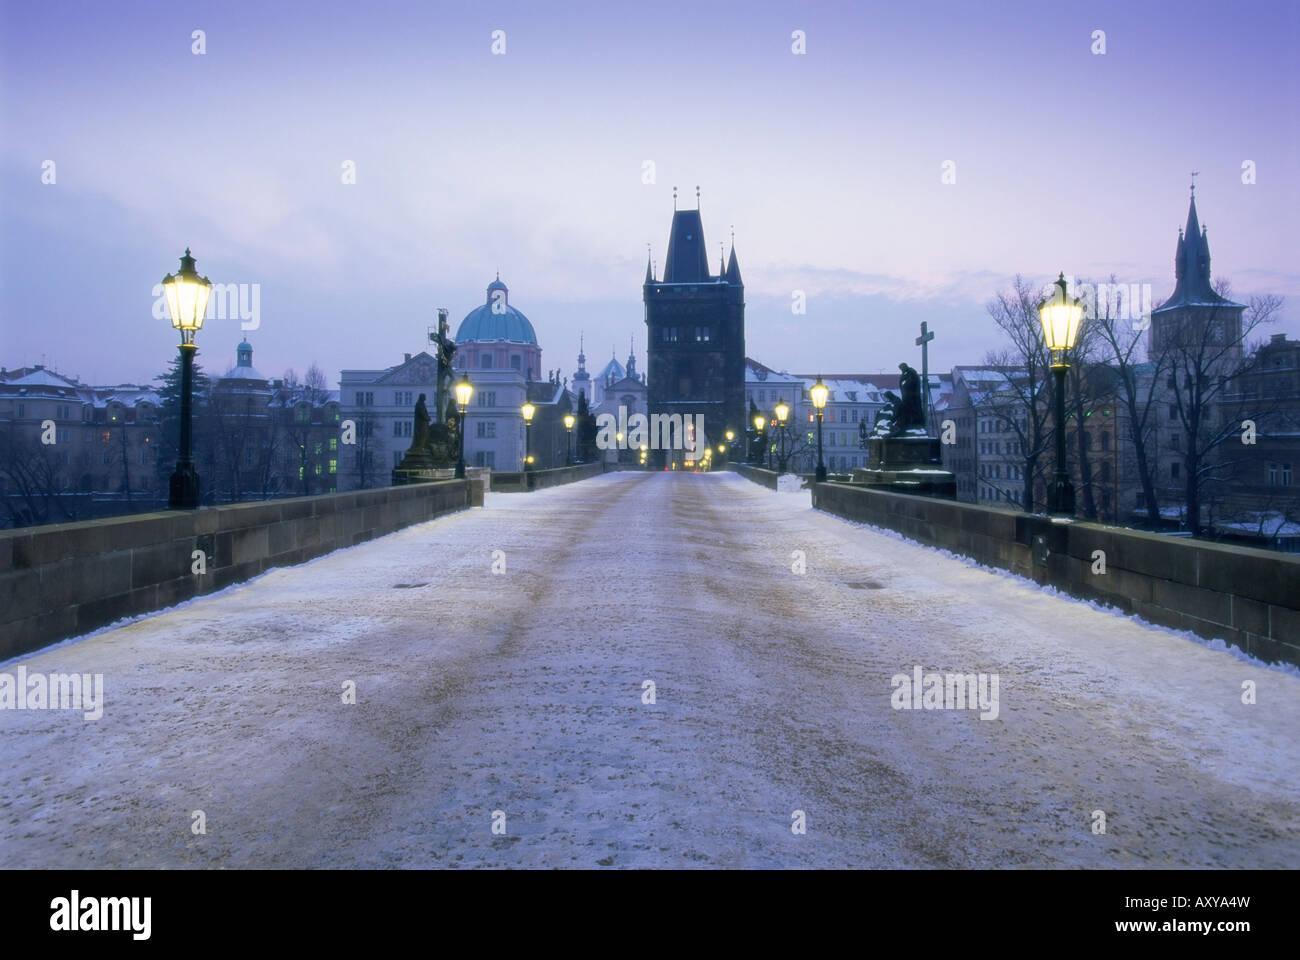 Charles Bridge in inverno la neve, Praga, Sito Patrimonio Mondiale dell'UNESCO, Repubblica Ceca, Europa Immagini Stock